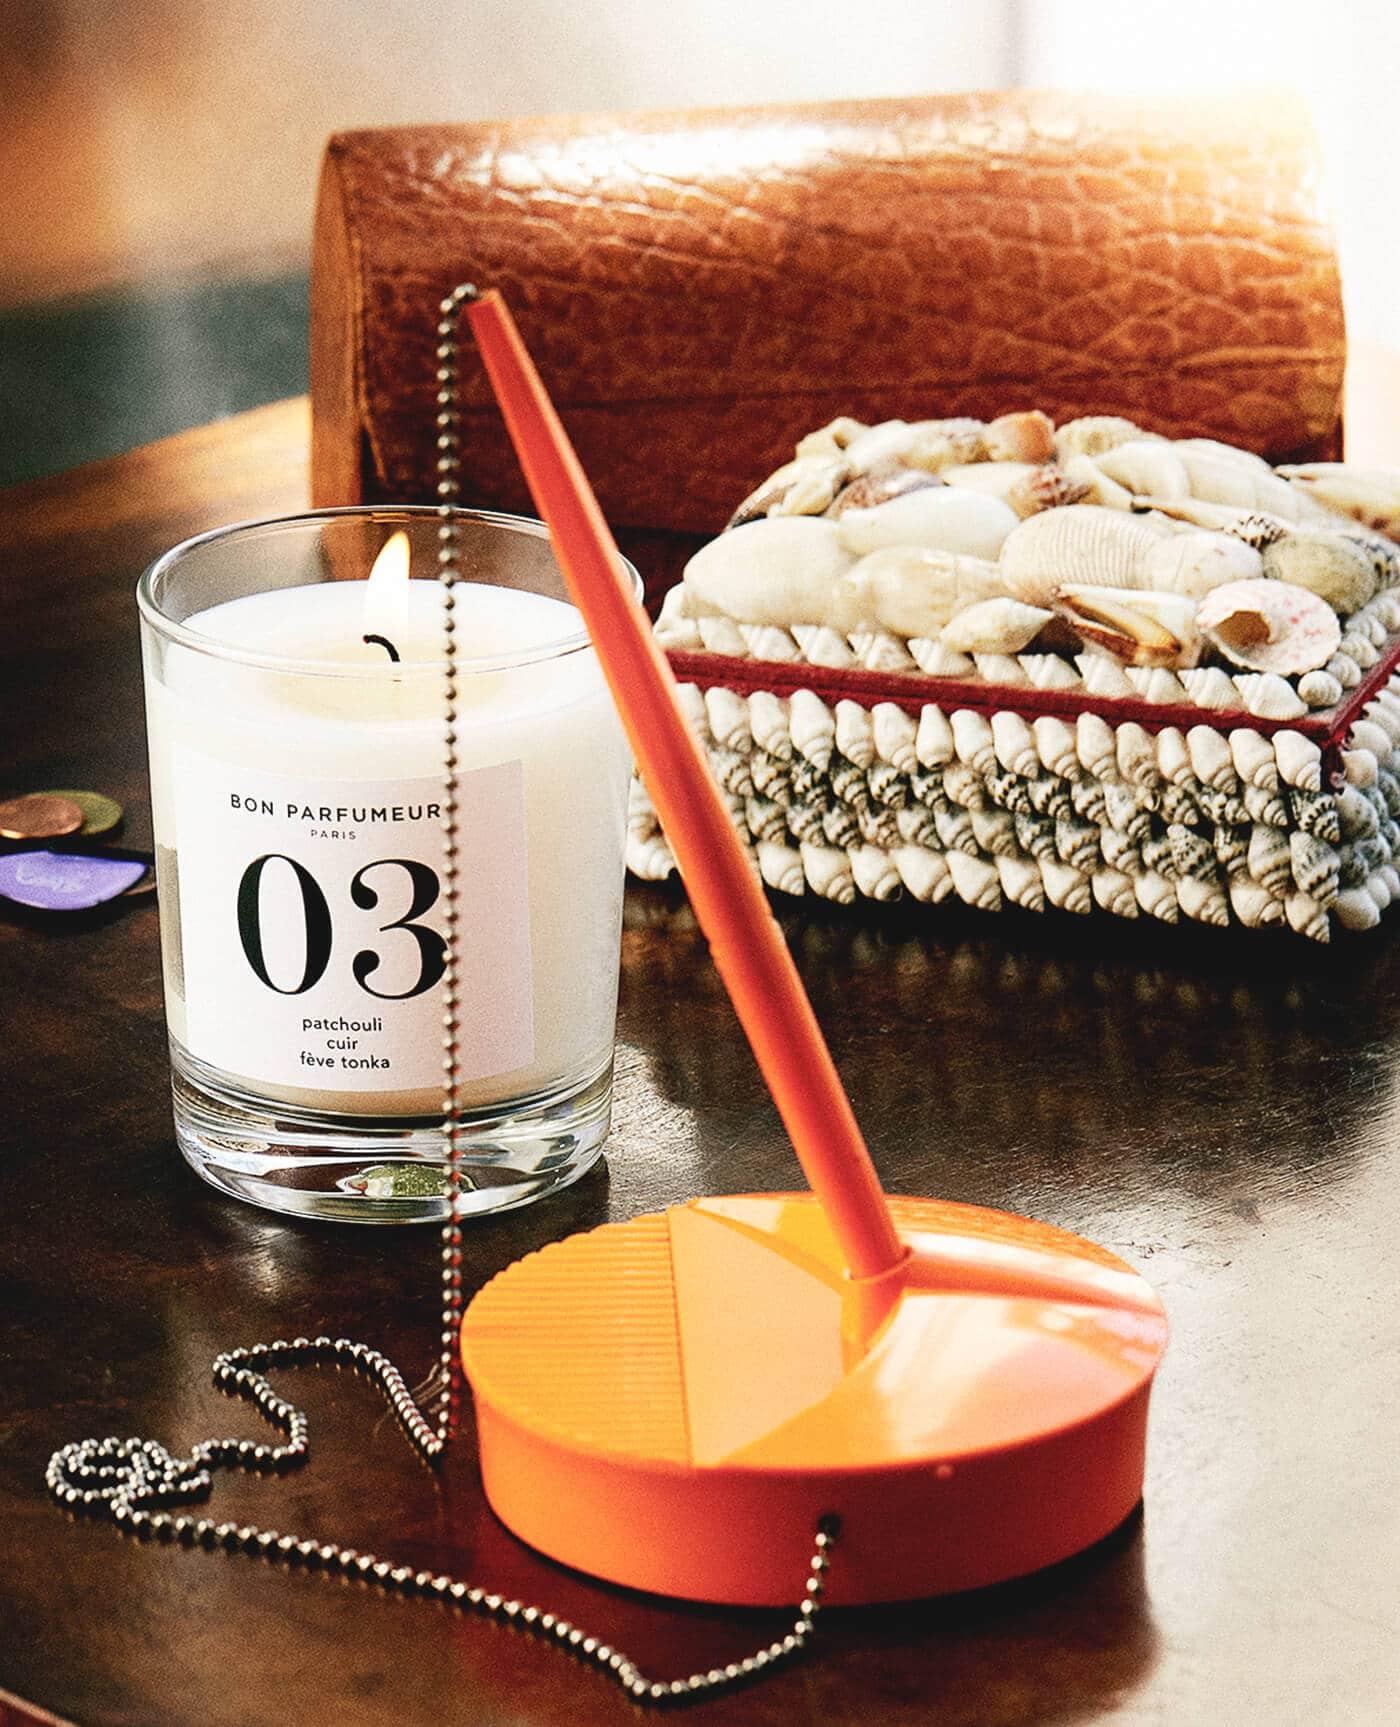 bougie 03 patchouli cuir et fève de tonka made in France de la marque Bon parfumeur